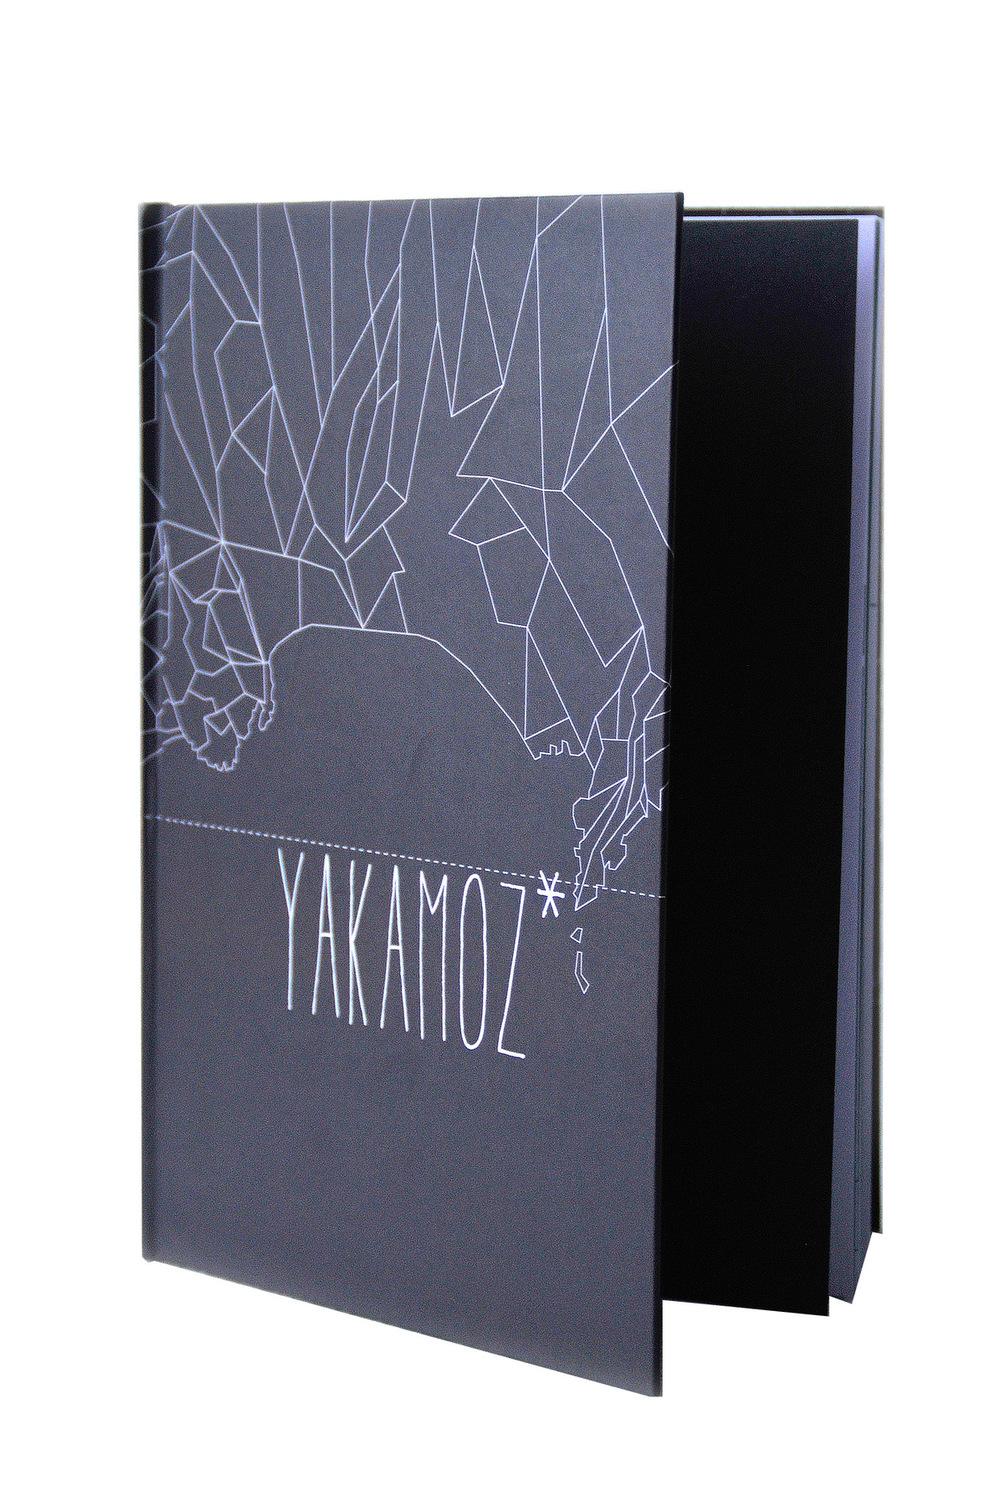 Lièvre Design - //Yakamoz// Bachelorthesis 2014 - Eine persönliche Reise.